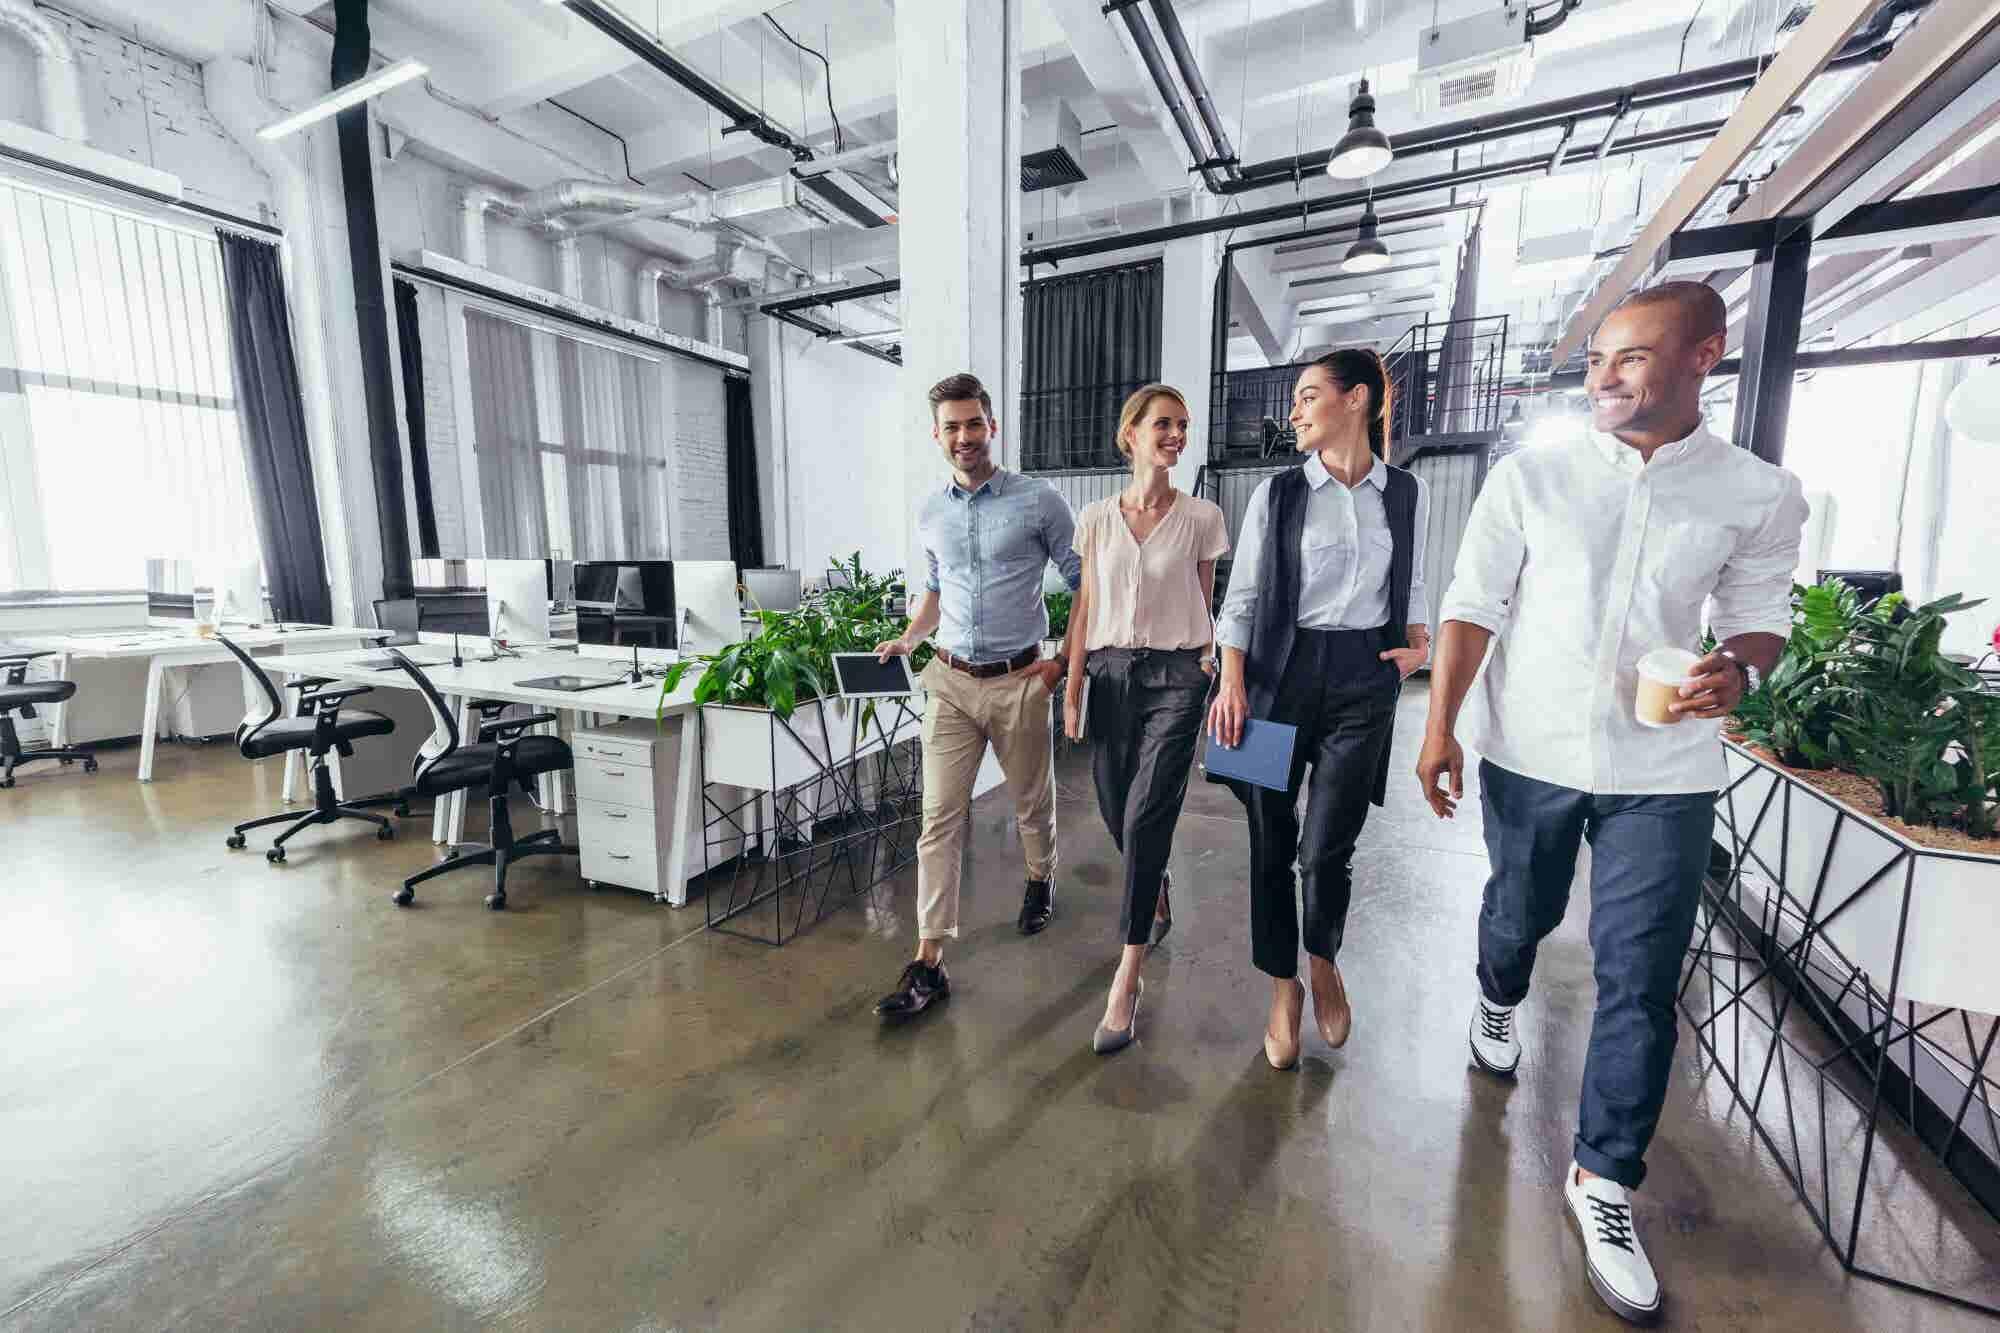 El tamaño de tu lugar de trabajo influye en tu nivel de estrés